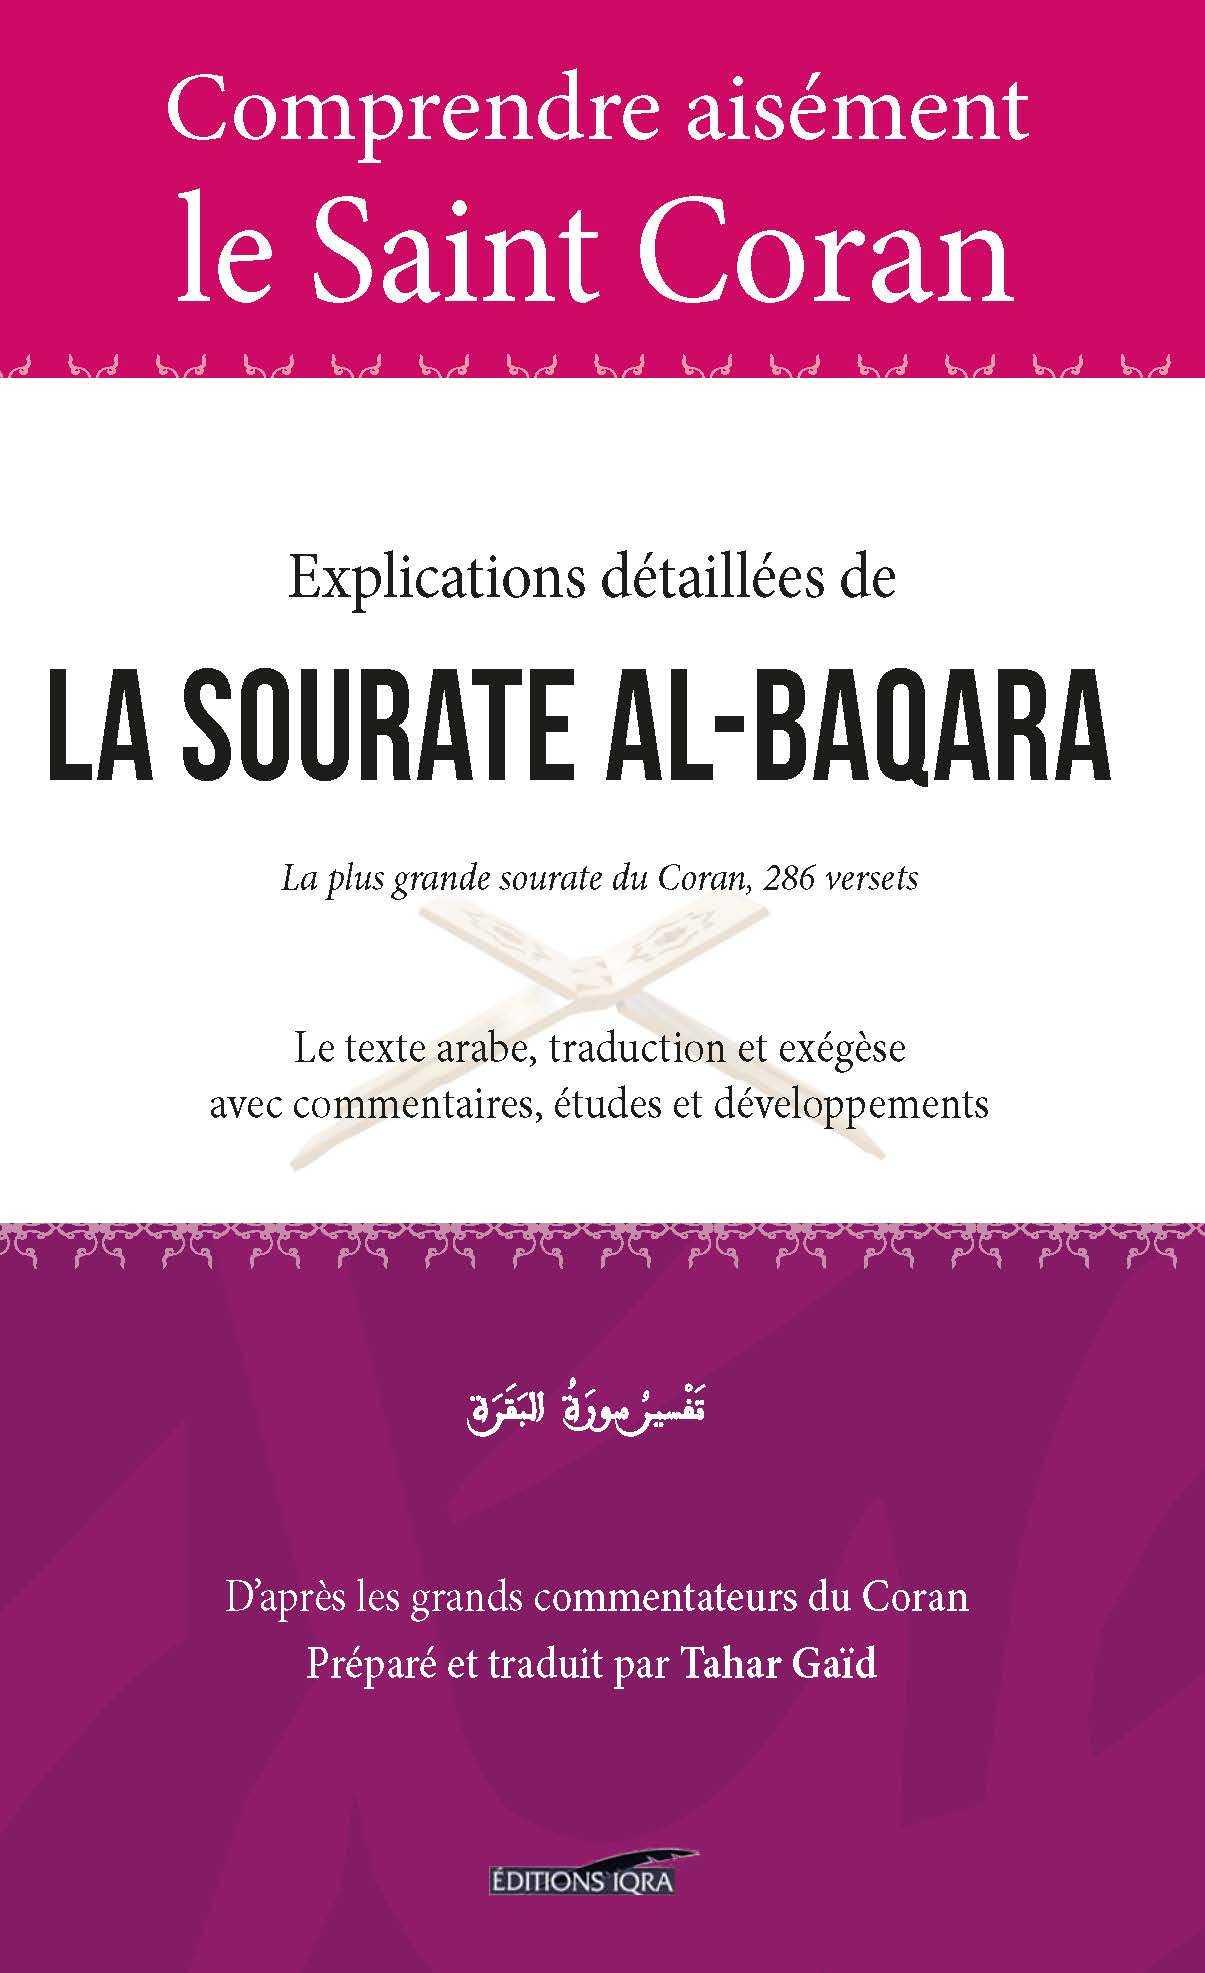 COMPRENDRE AISEMENT LE SAINT CORAN : EXPLICATIONS DETAILLEES DE LA SOURATE AL-BAQARA